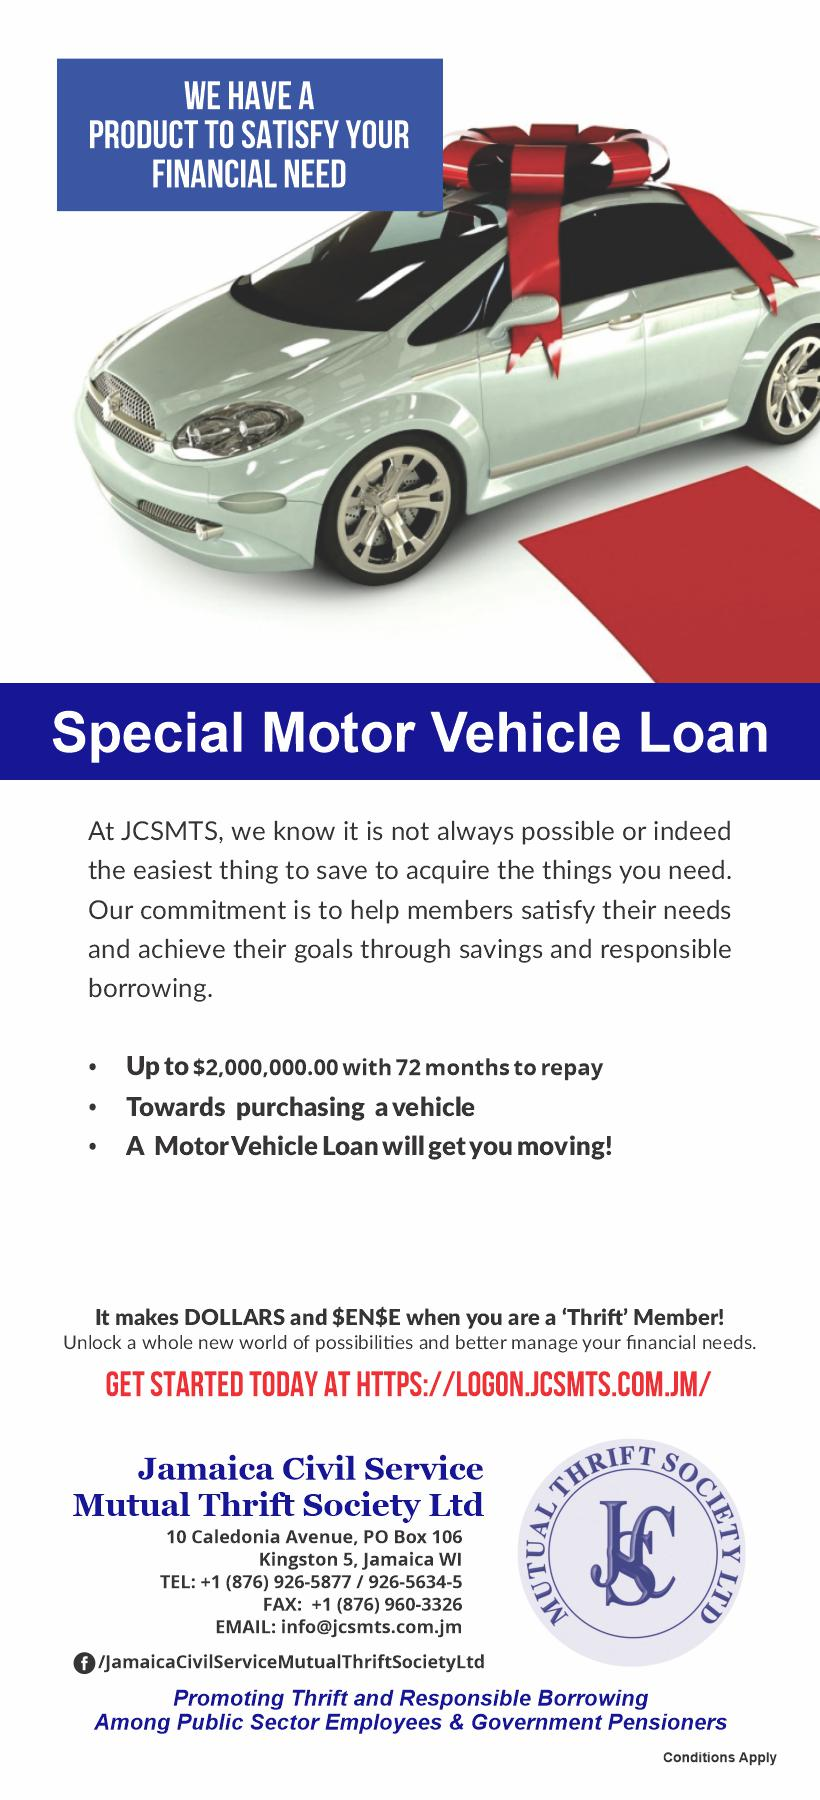 Motor Vehicle Loan - JCSMTS